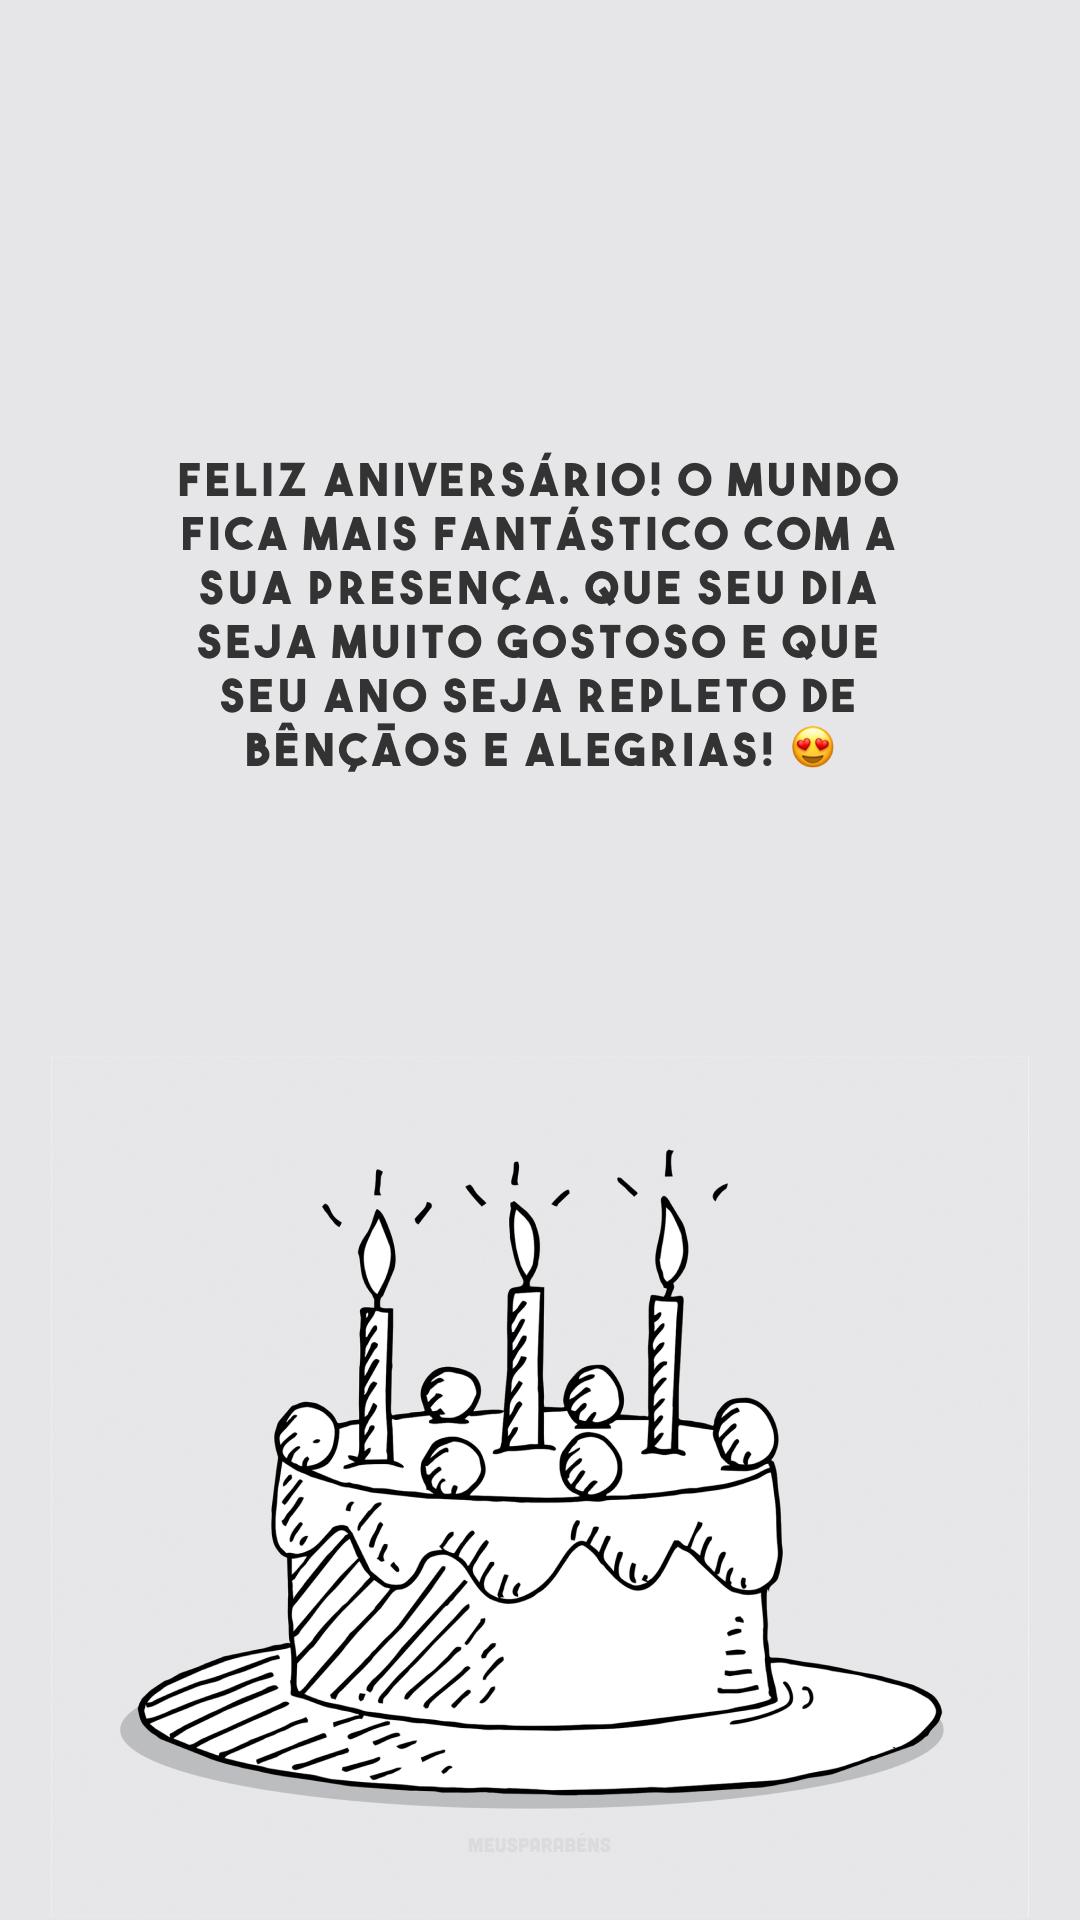 Feliz aniversário! O mundo fica mais fantástico com a sua presença. Que seu dia seja muito gostoso e que seu ano seja repleto de bênçãos e alegrias! 😍